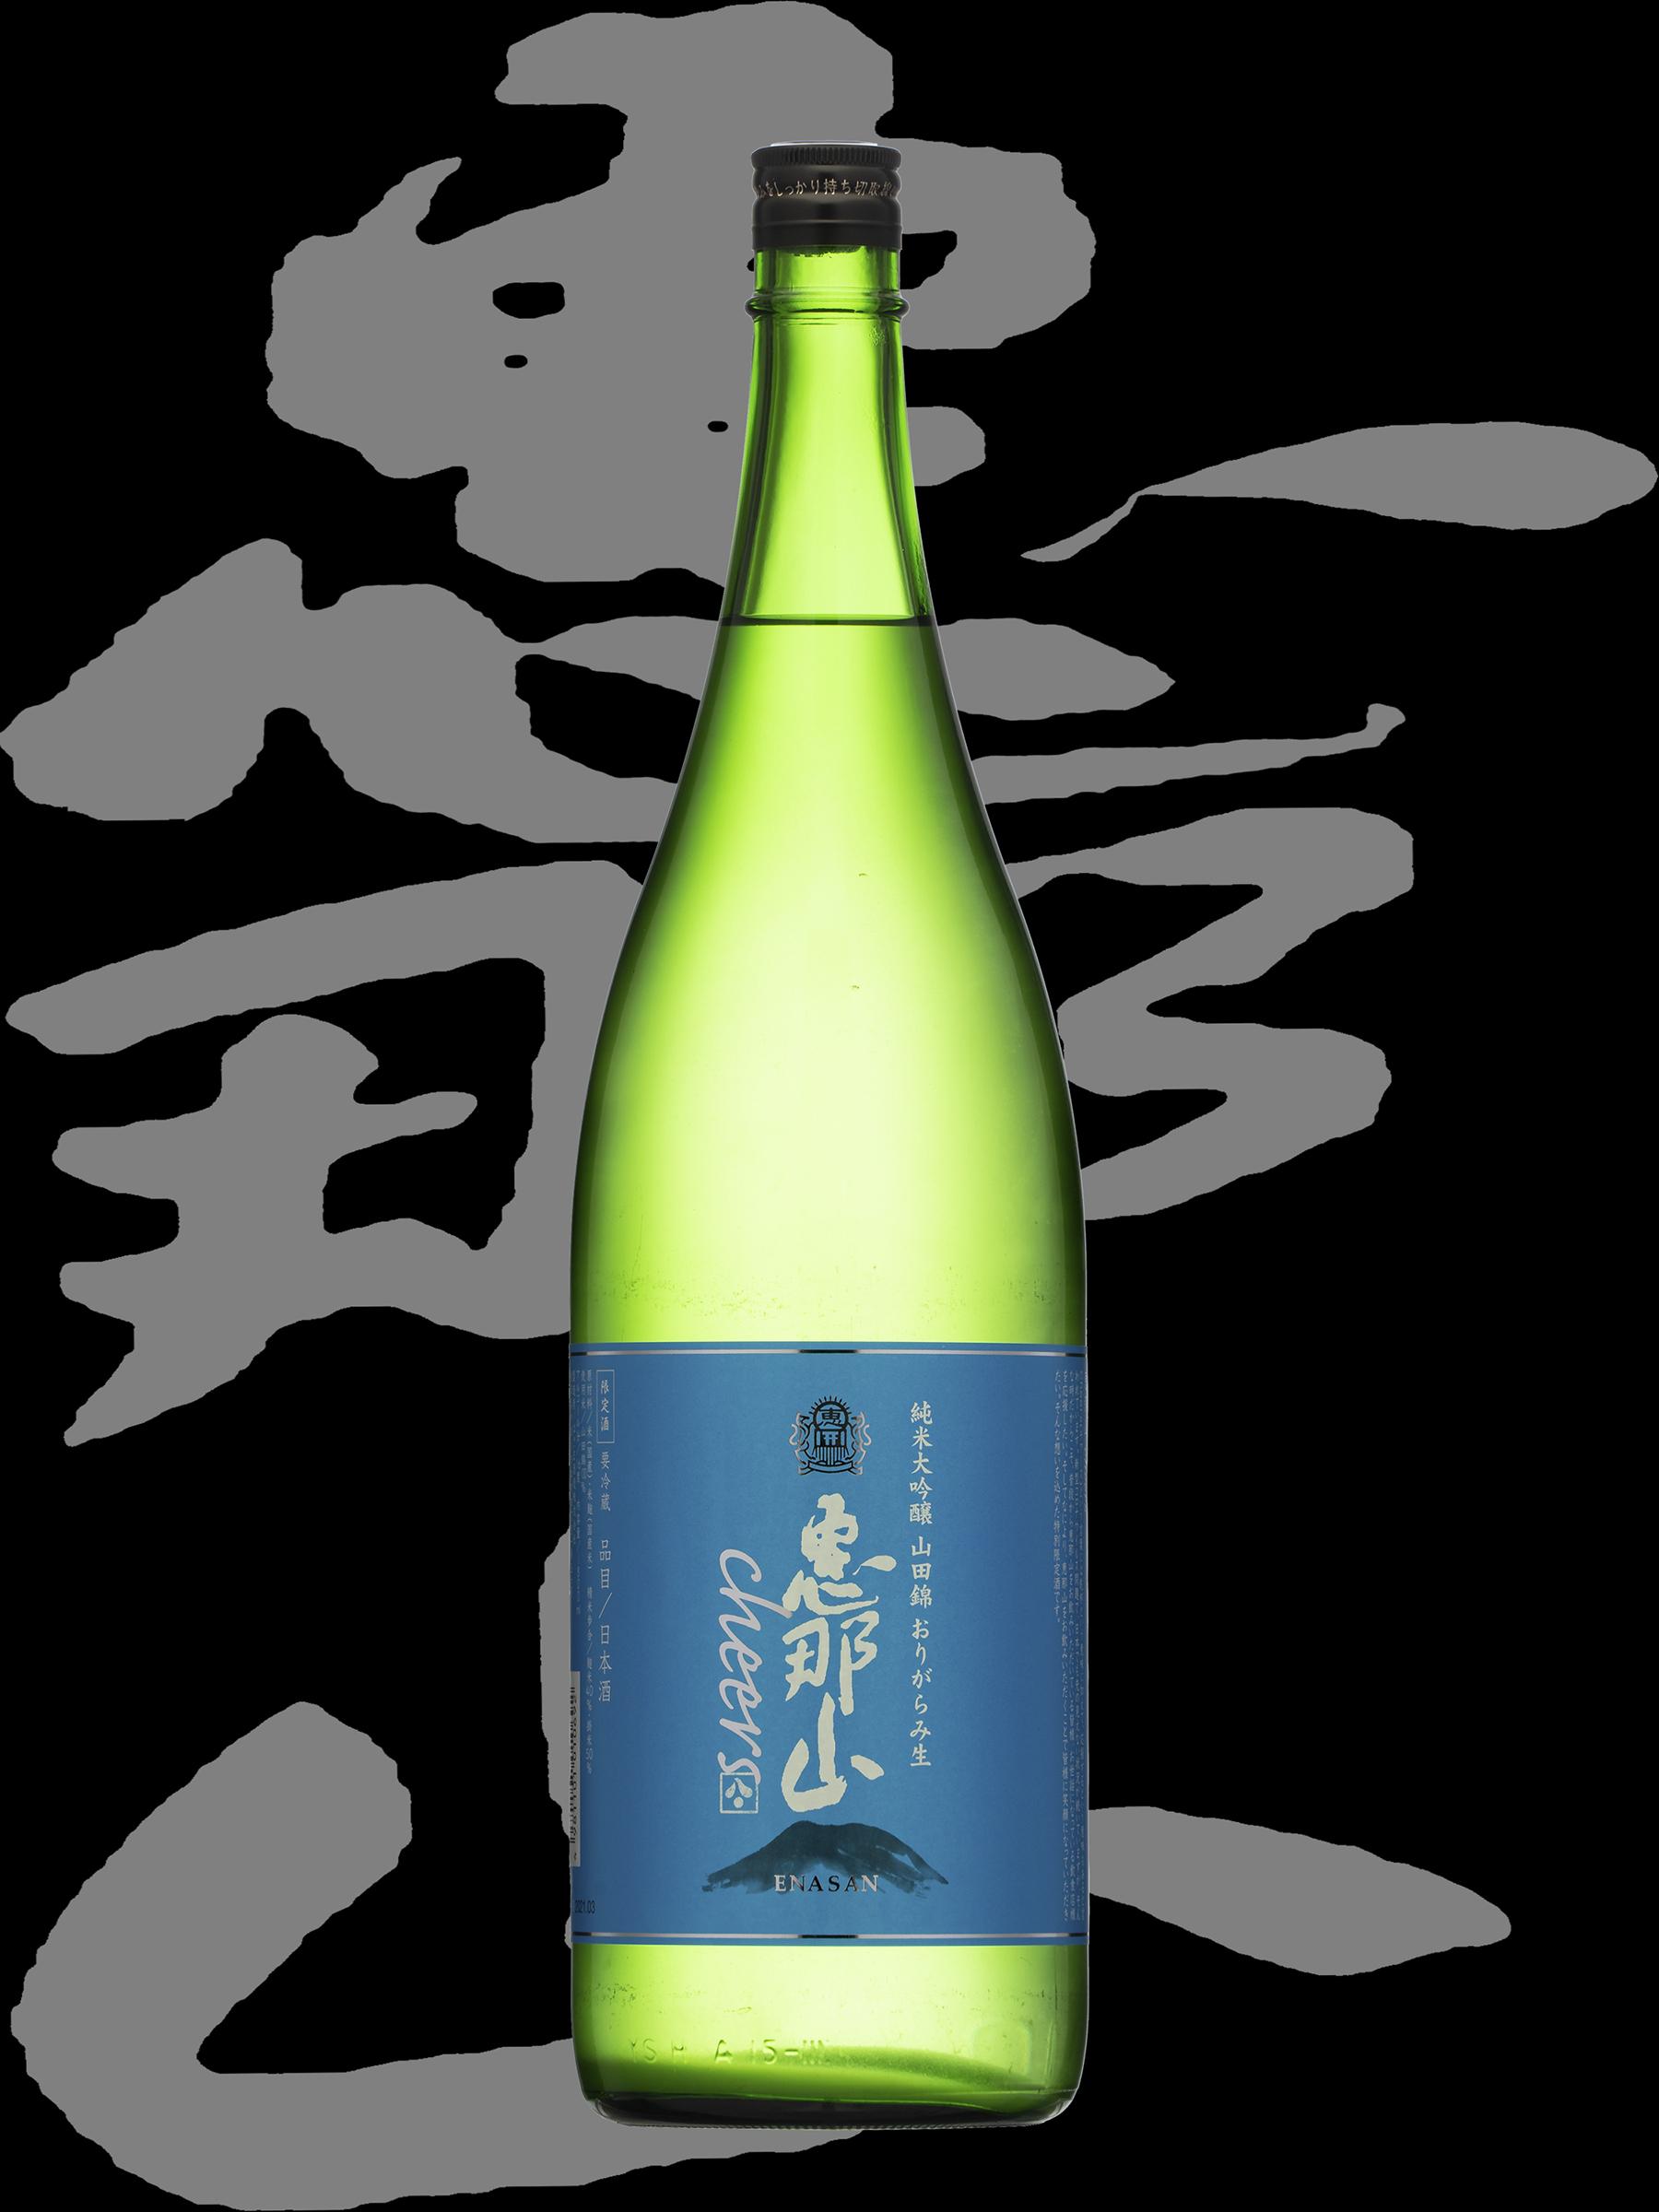 恵那山(えなさん)「純米大吟醸」cherrs山田錦おりがらみ生